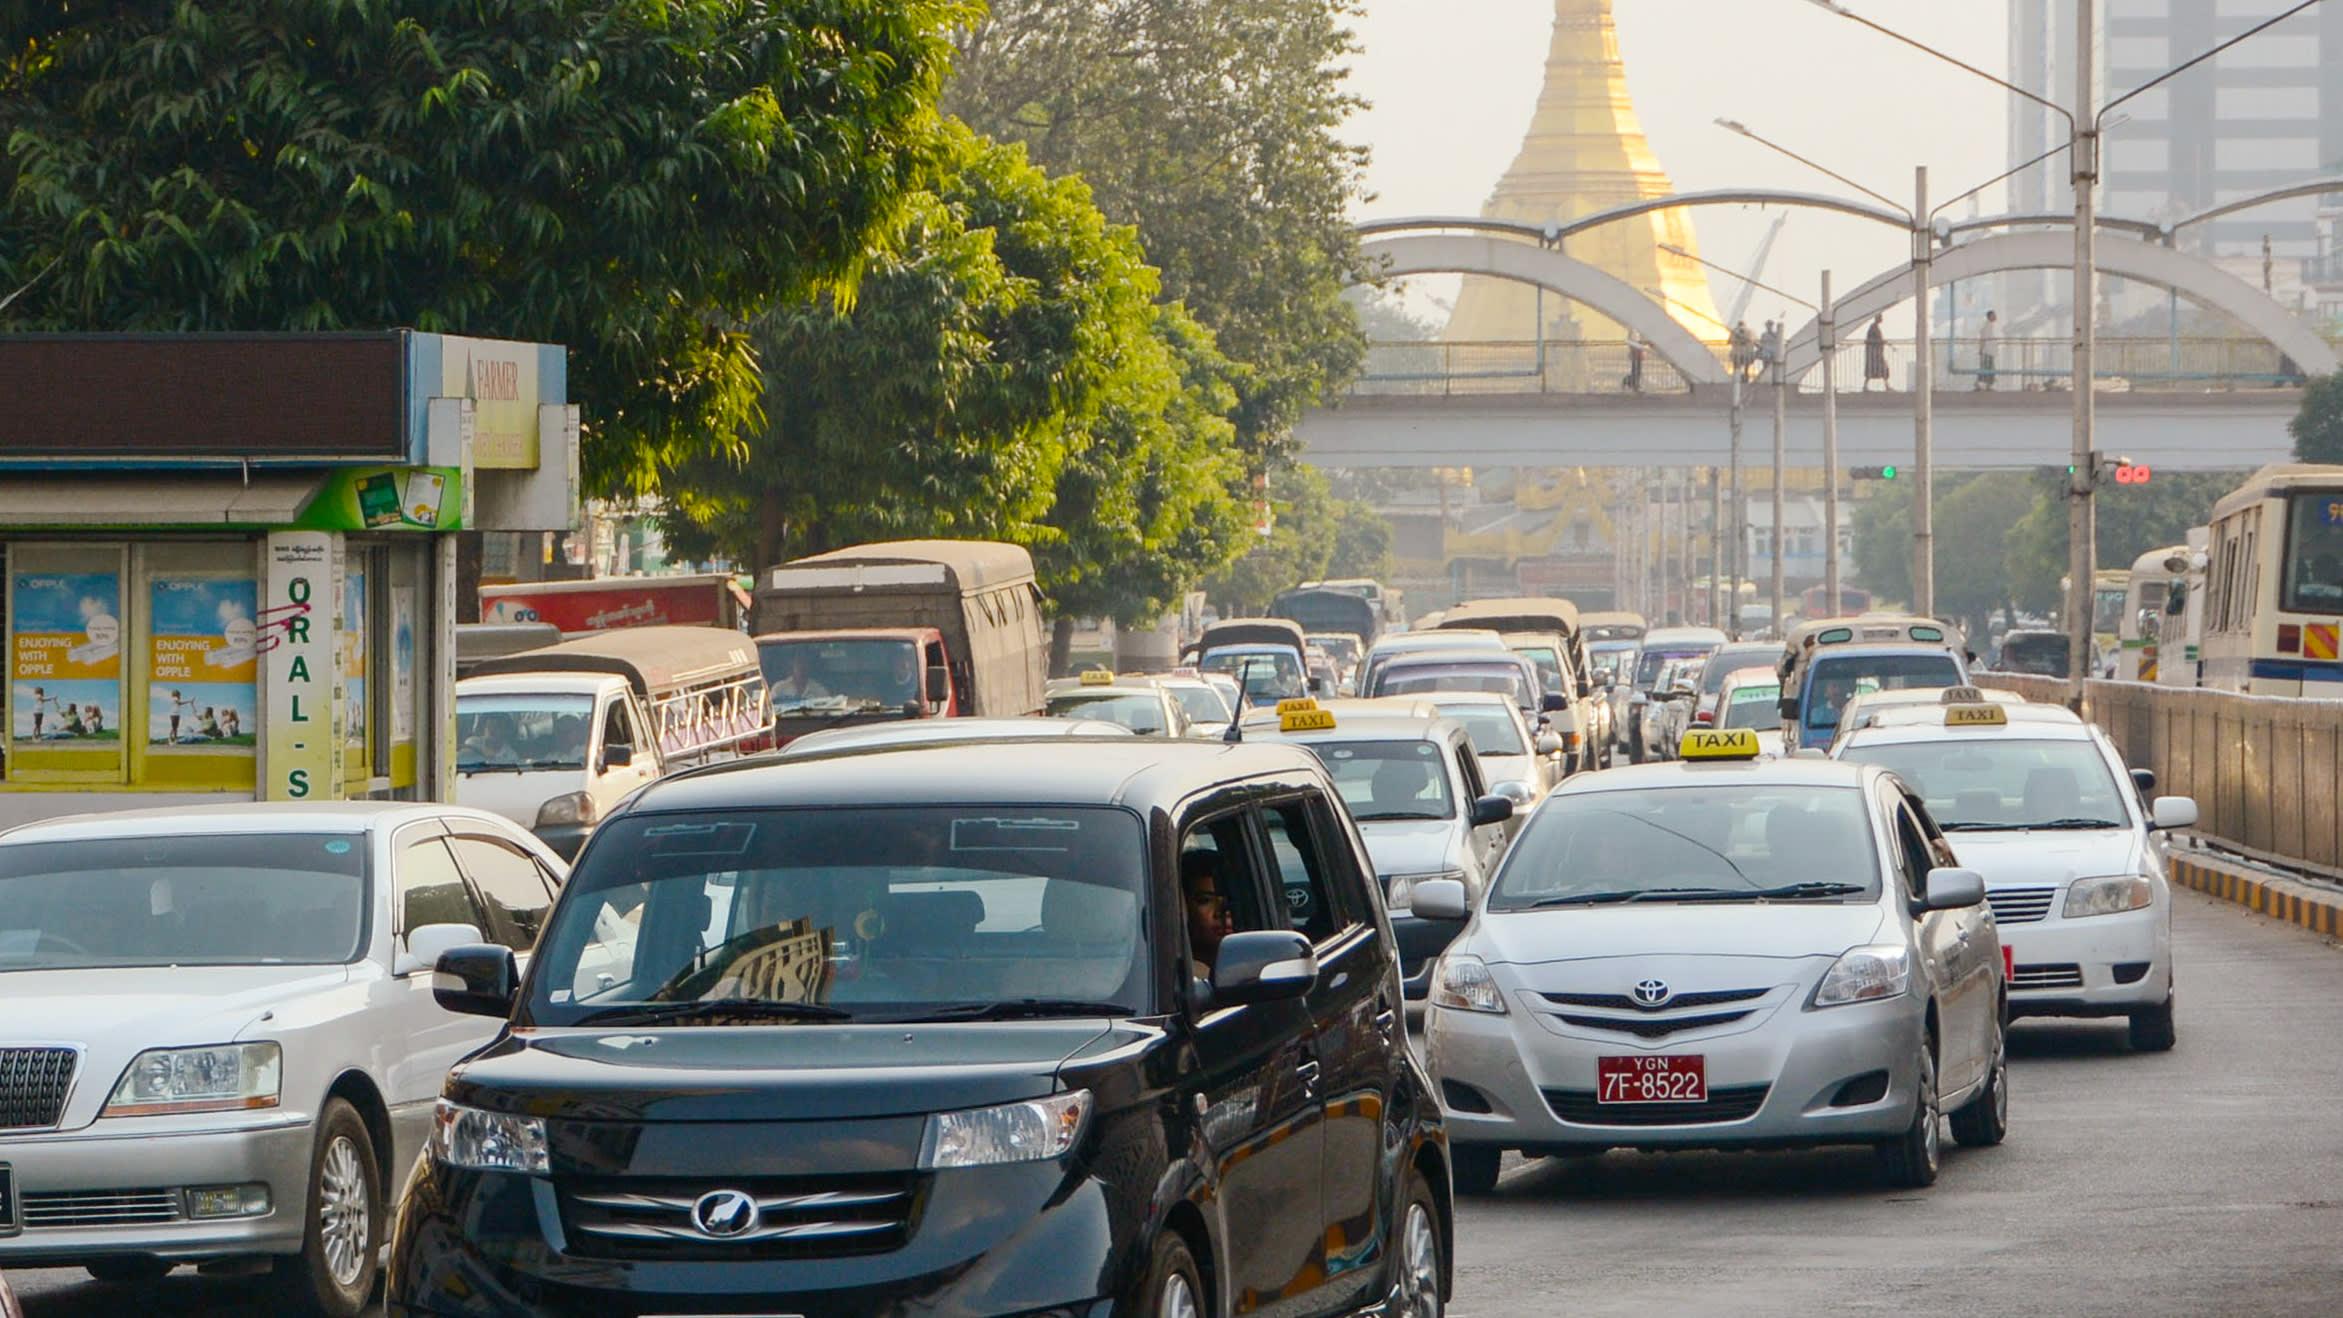 Quốc gia Đông Nam Á nào tiêu thụ nhiều ôtô nhất nửa đầu năm 2020? - Ảnh 7